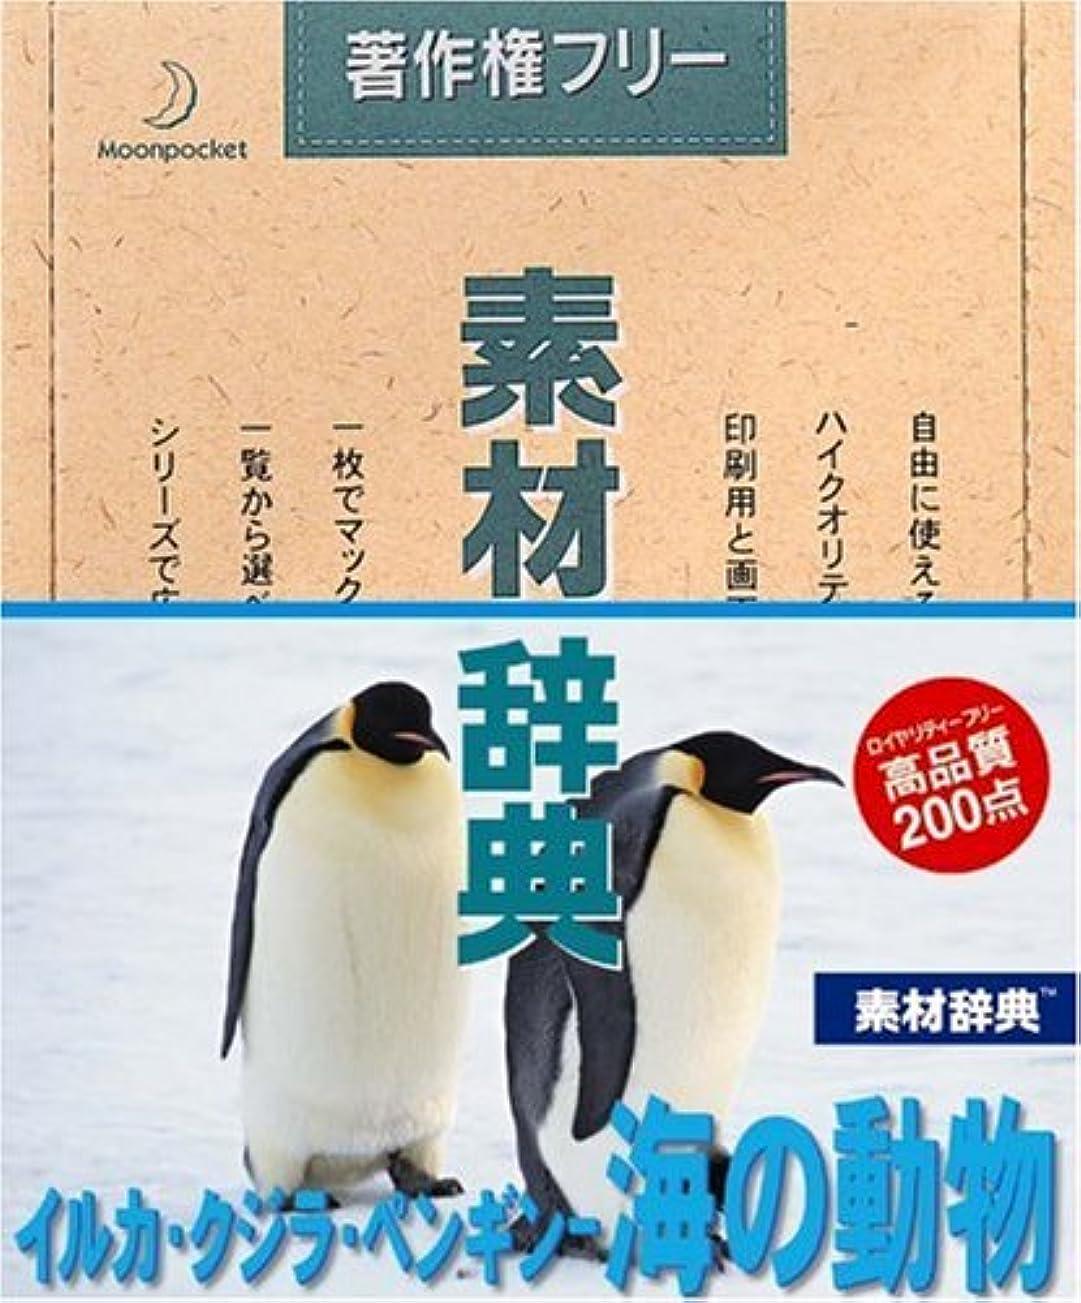 地質学ノート火炎素材辞典 Vol.72 イルカ?クジラ?ペンギン 海の動物編